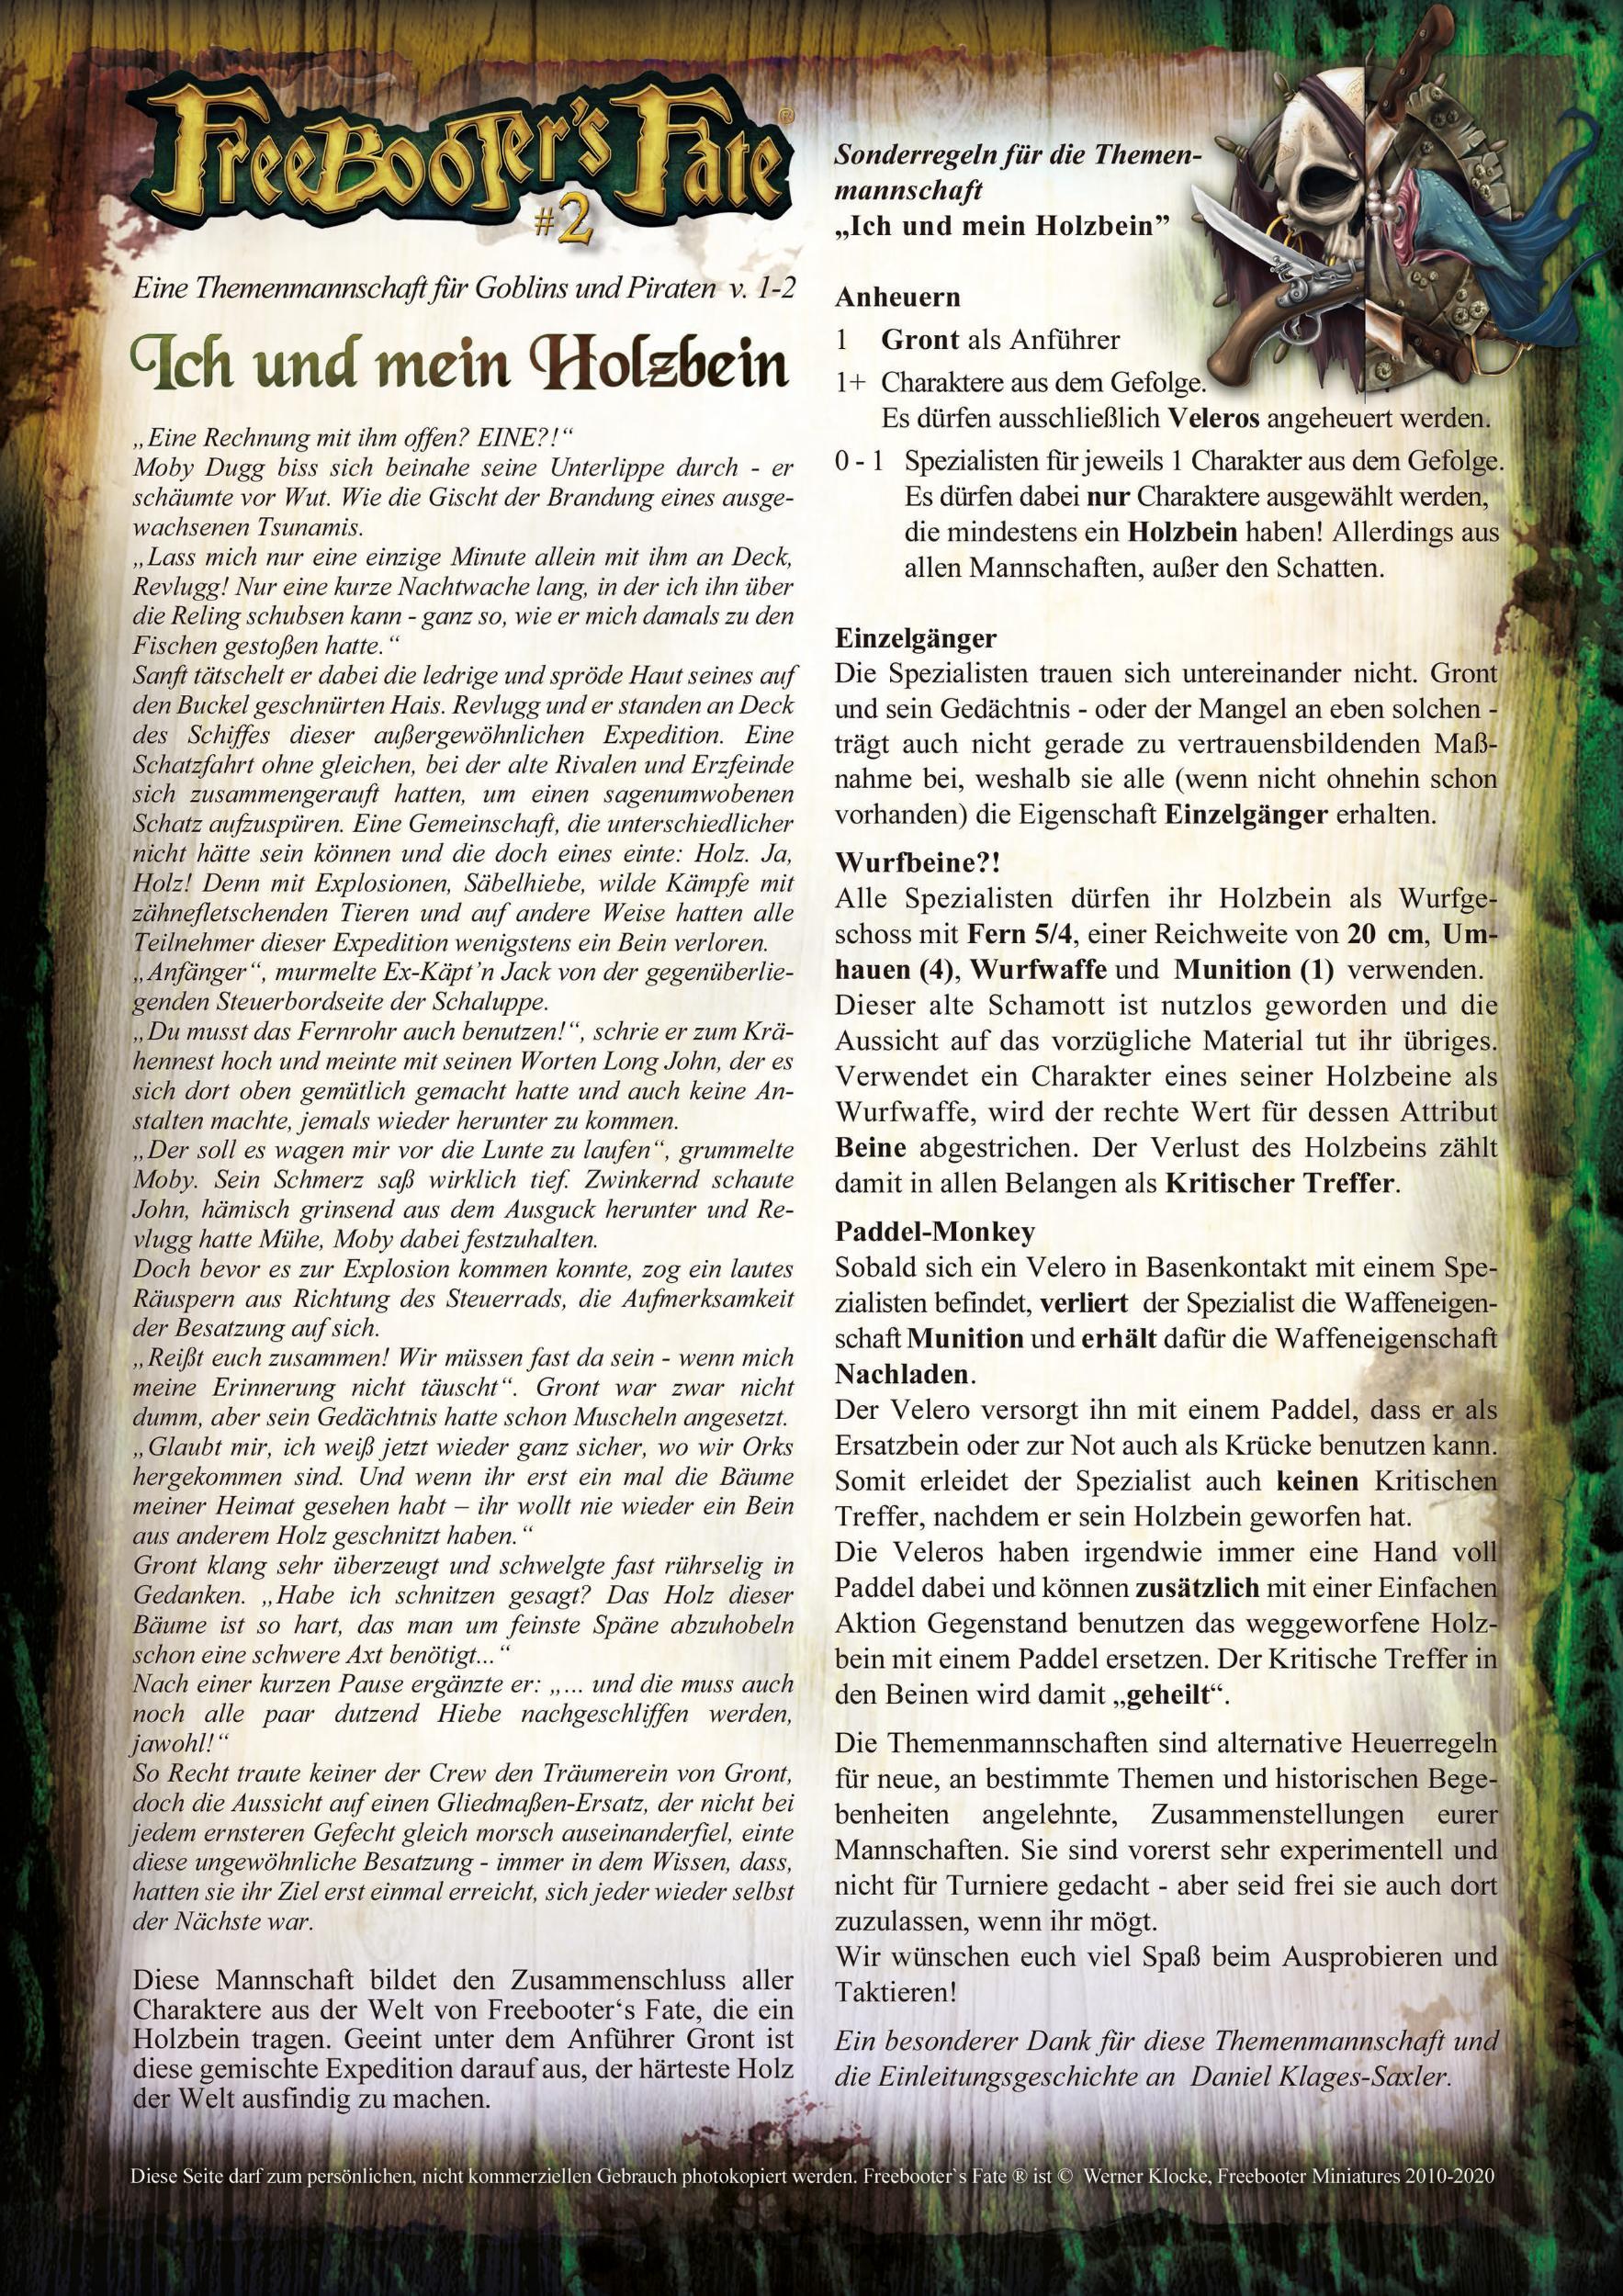 Themenmannschaften_GOB-PIR_Holzbein_01-2.jpg.e174119b399e0e3d65cadb032b121bb2.jpg